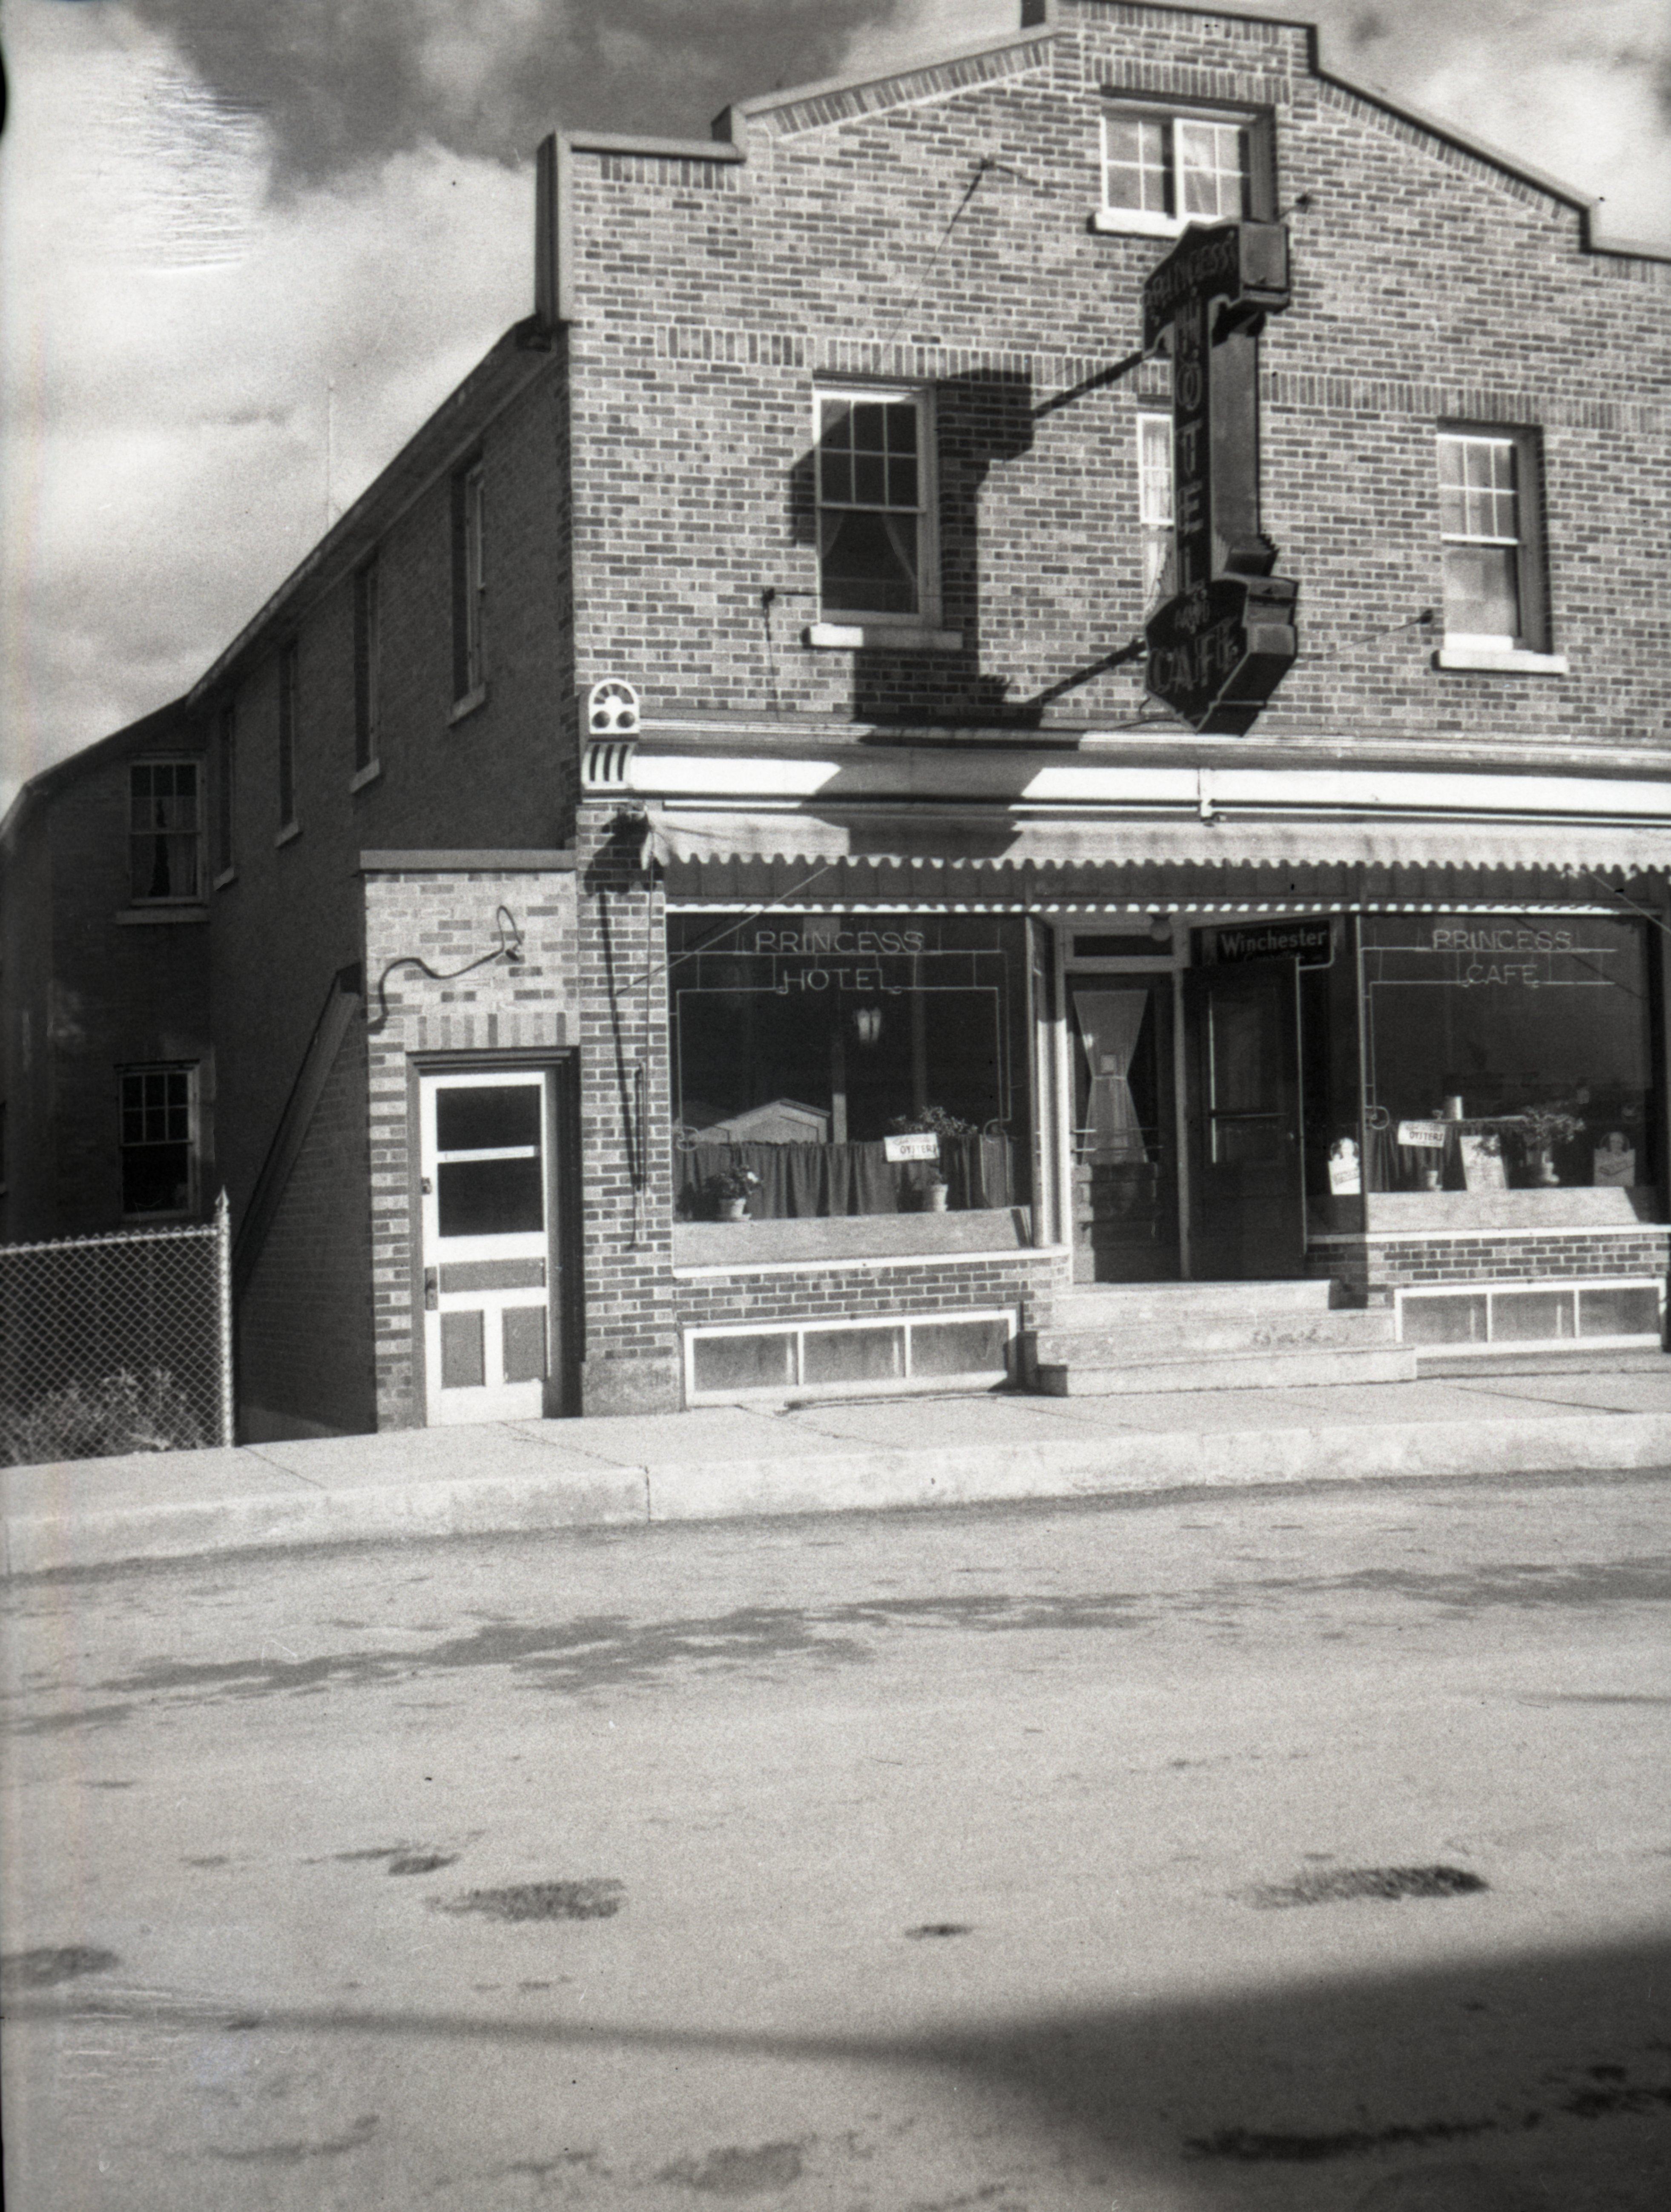 Photographie en noir et blanc d'un édifice de trois étages en brique.En plein milieu de l'édifice, une affiche annonce le Princess Hotel et àgauche, une porte semble menée au sous-sol.